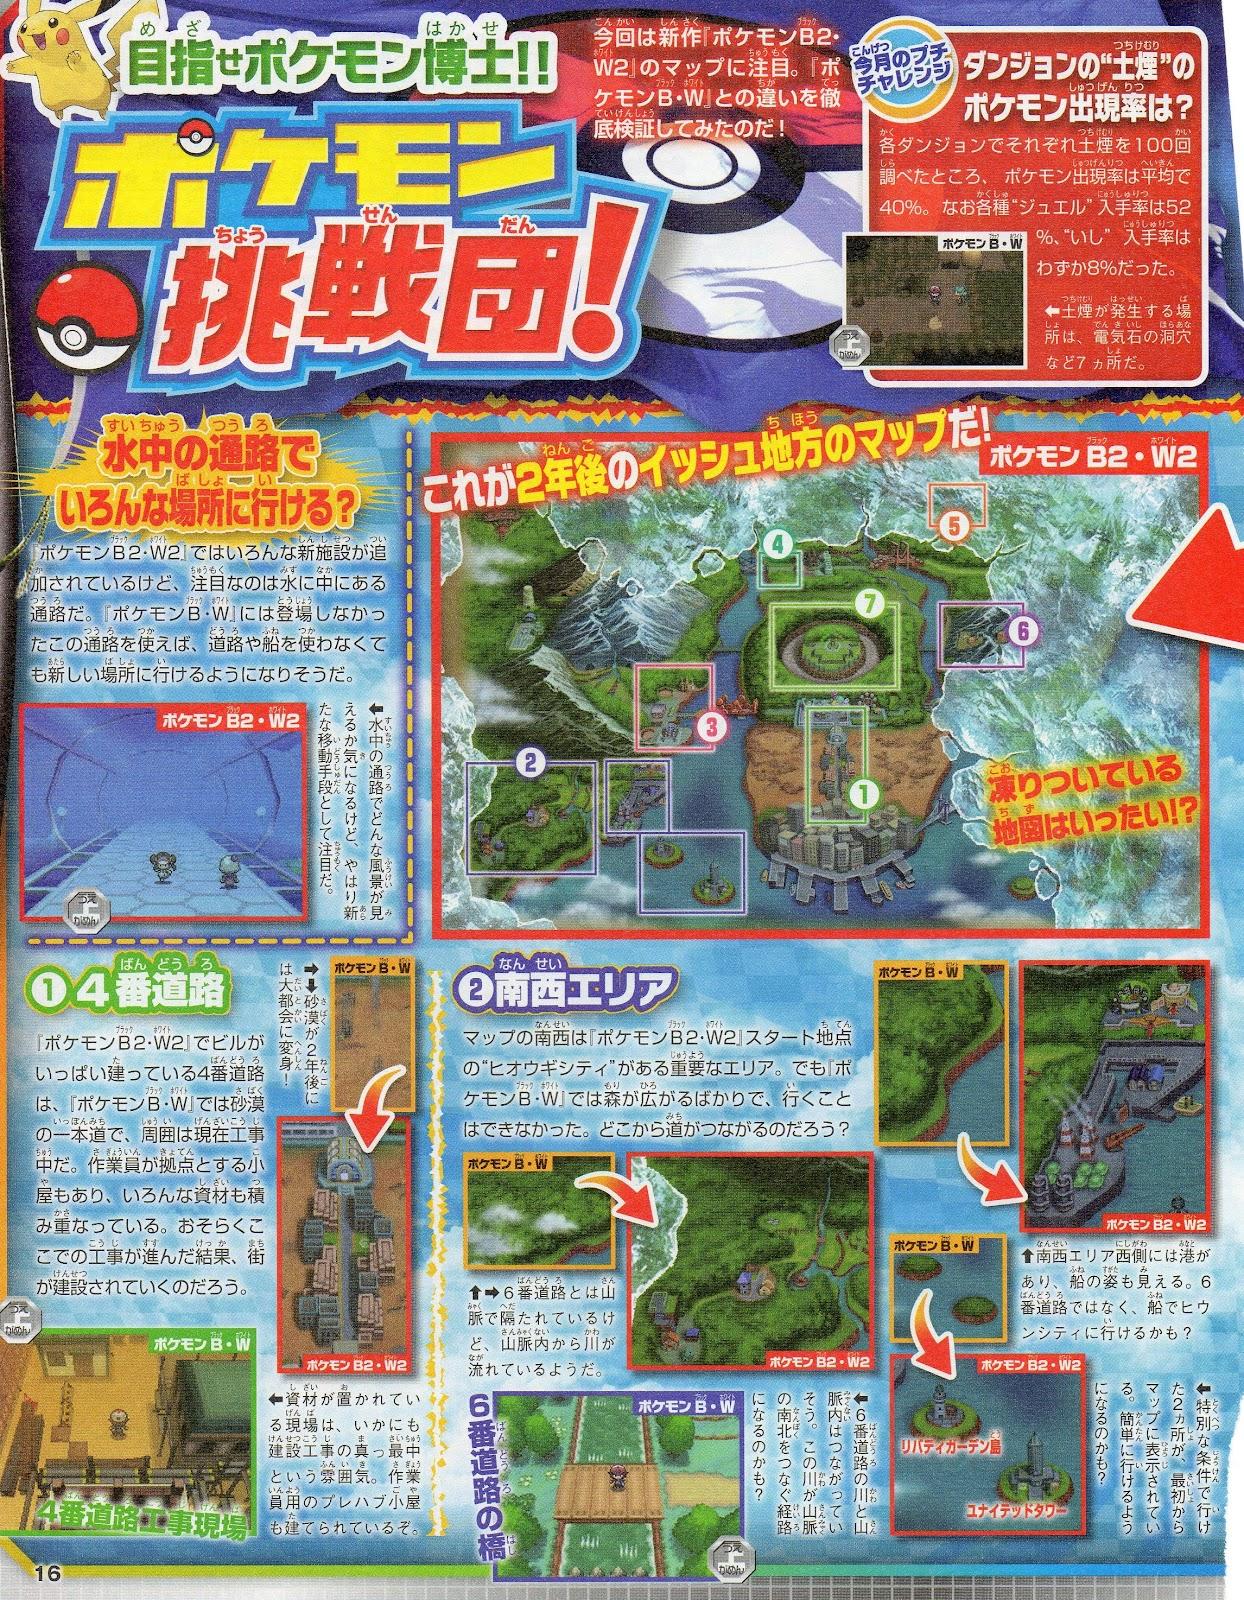 All About Pokemon Figure Aapf Pokemon Bw2 Map Famitsu